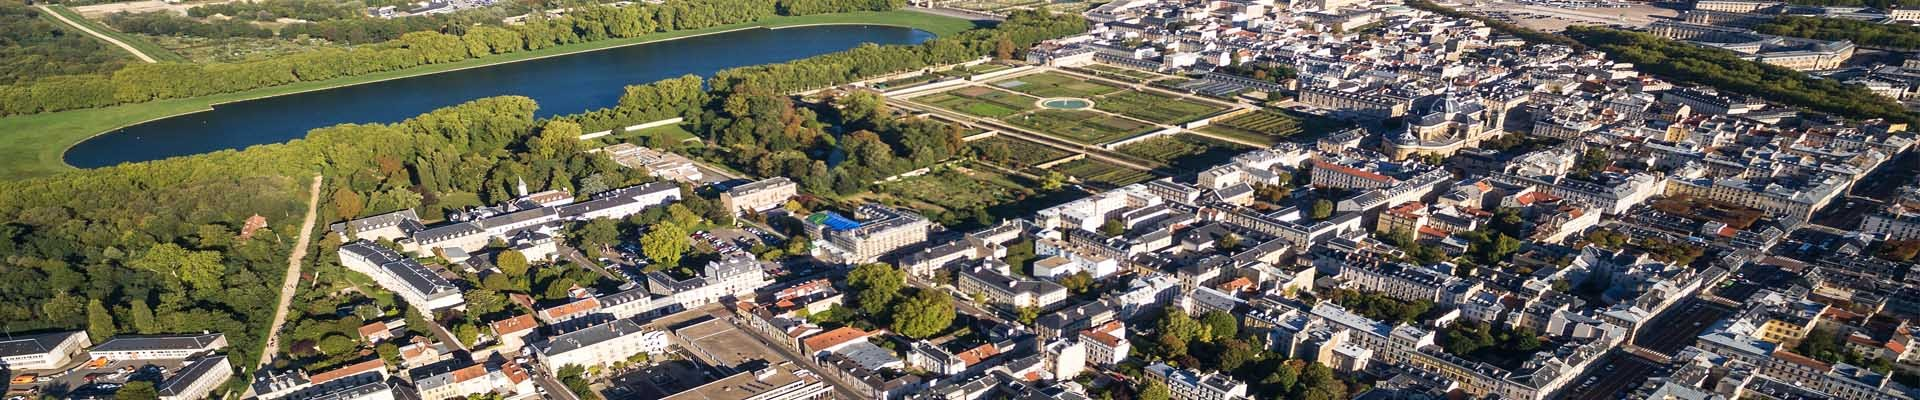 3 days in Versailles